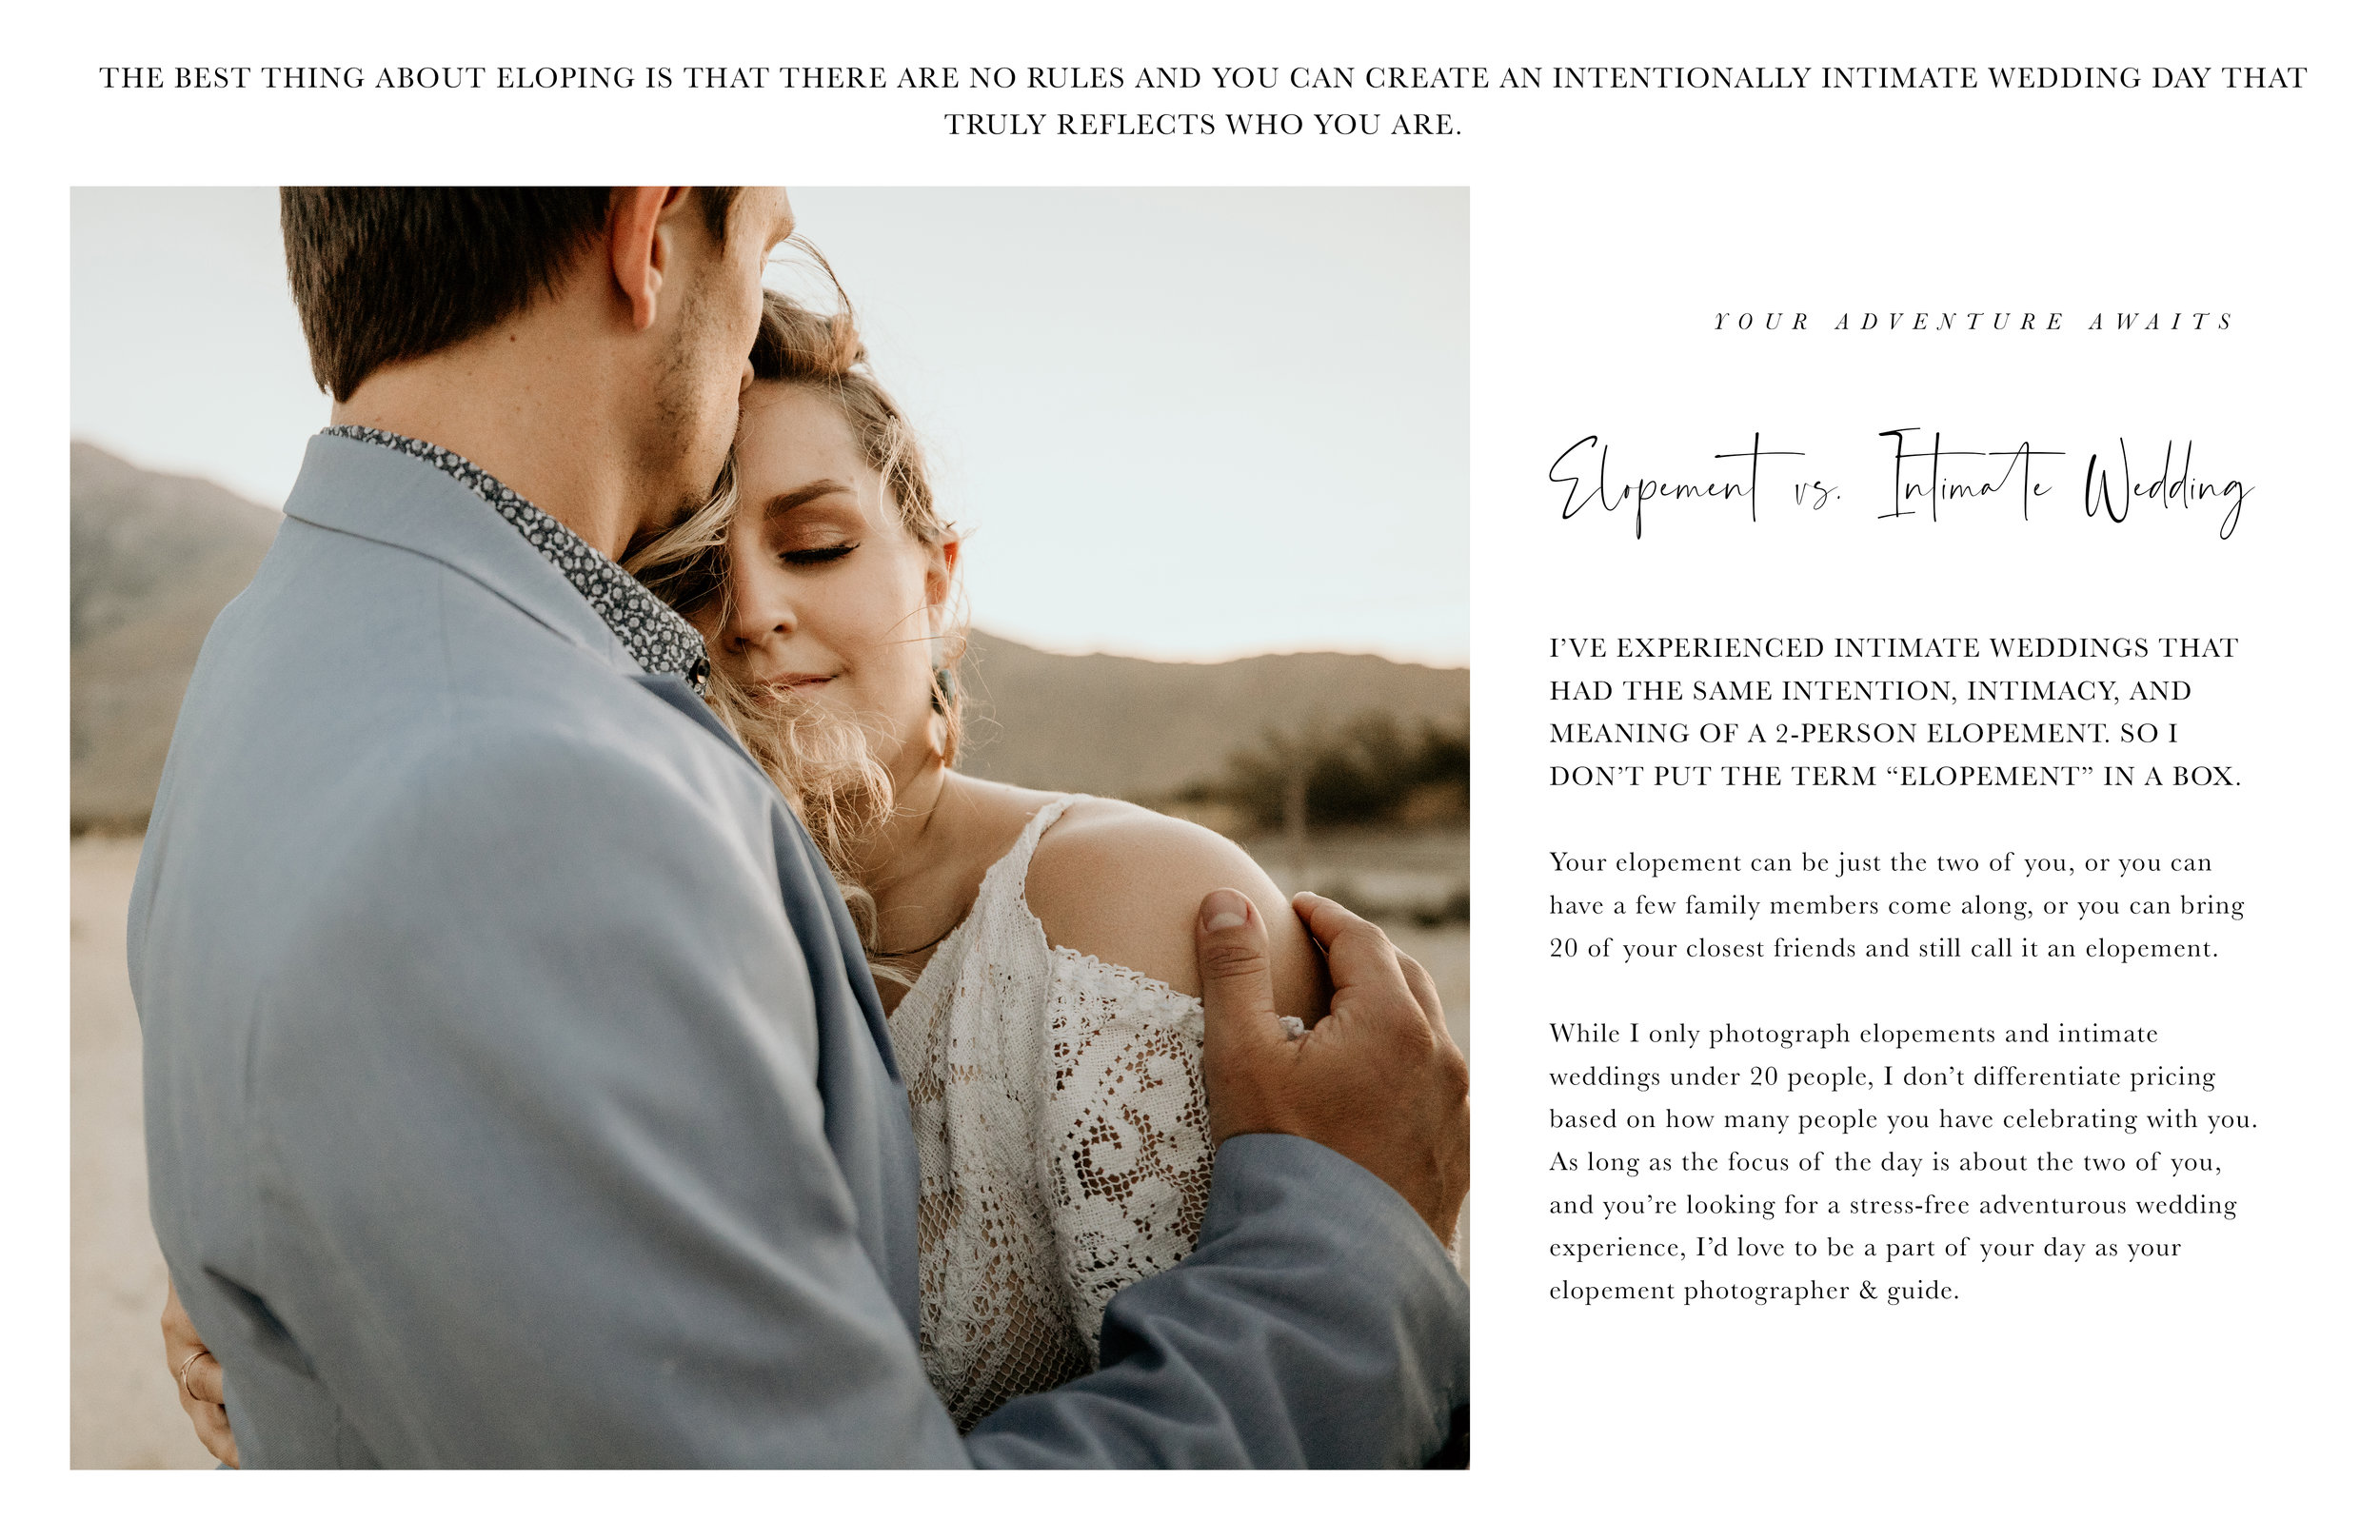 ELOPEMENT VS INTIMATE WEDDING